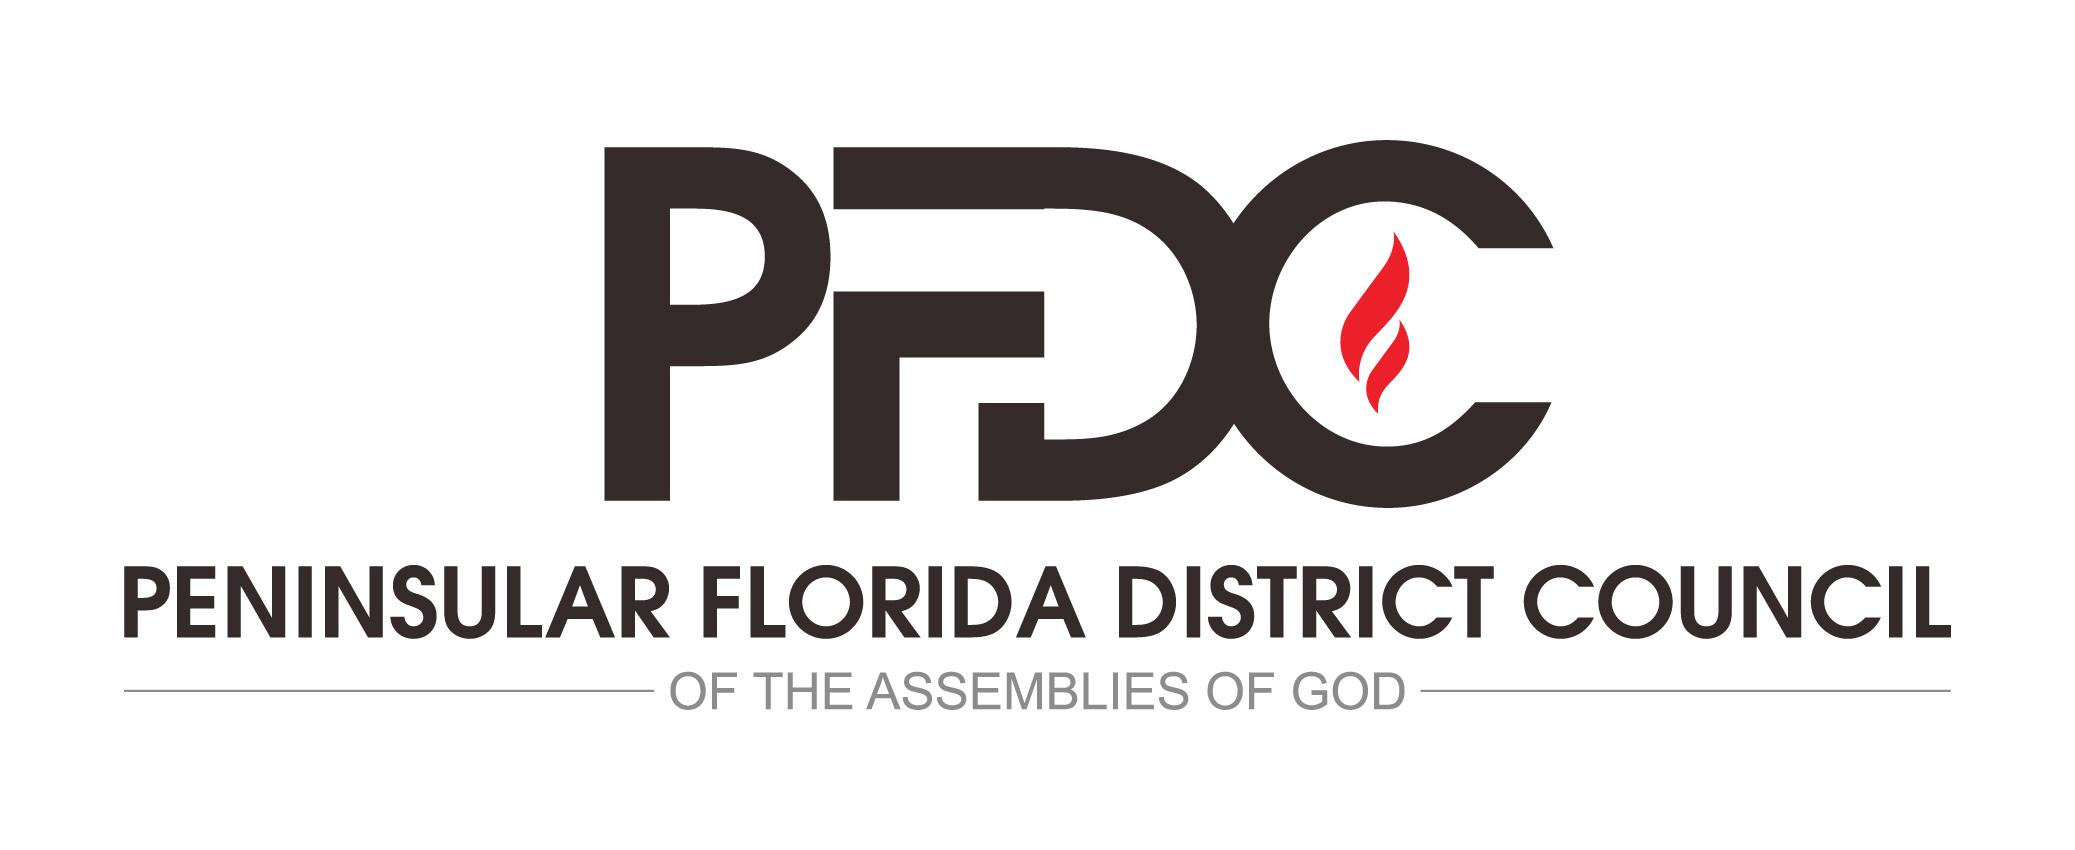 Home Peninsular Florida District Council